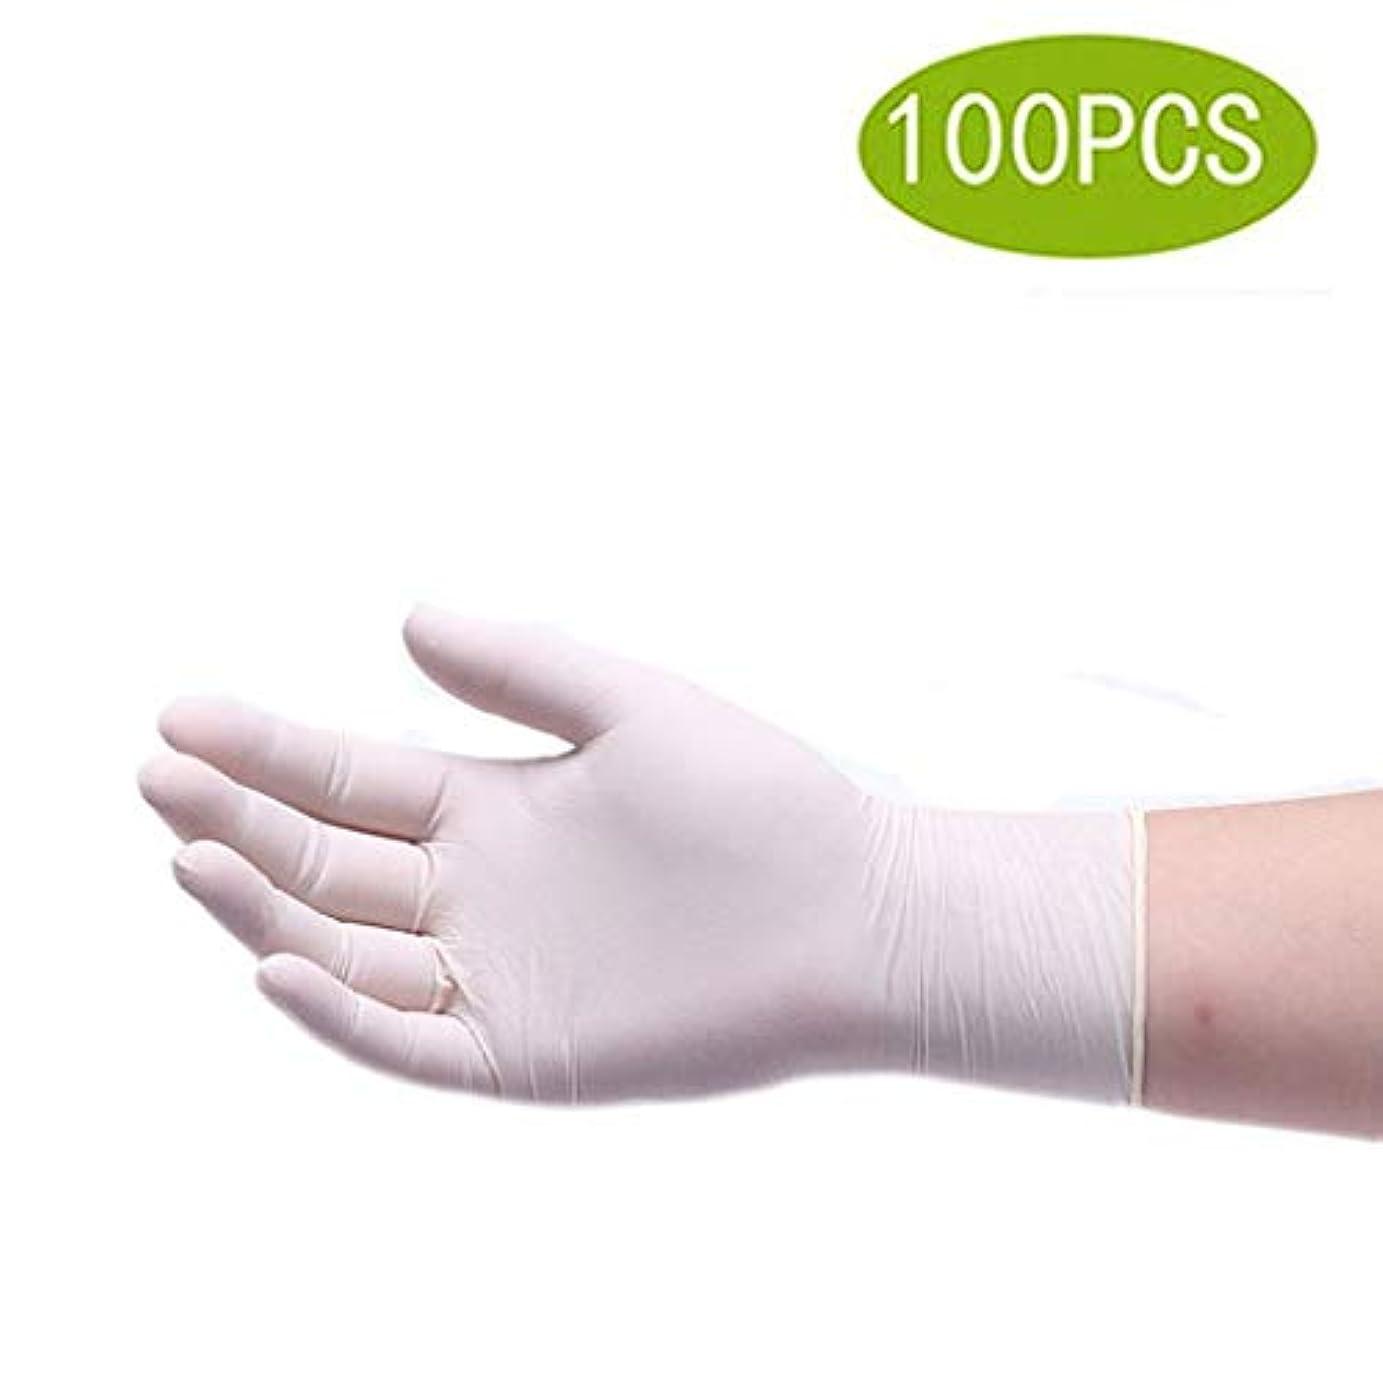 自分自身ラフト無許可食品取扱のための使い捨て手袋、作業ニトリル手袋、ラテックスフリー手袋、使い捨て手袋、パウダーフリーの、滅菌済みでない使い捨て安全手袋、ミディアム(100個入り) (Color : White, Size : S)